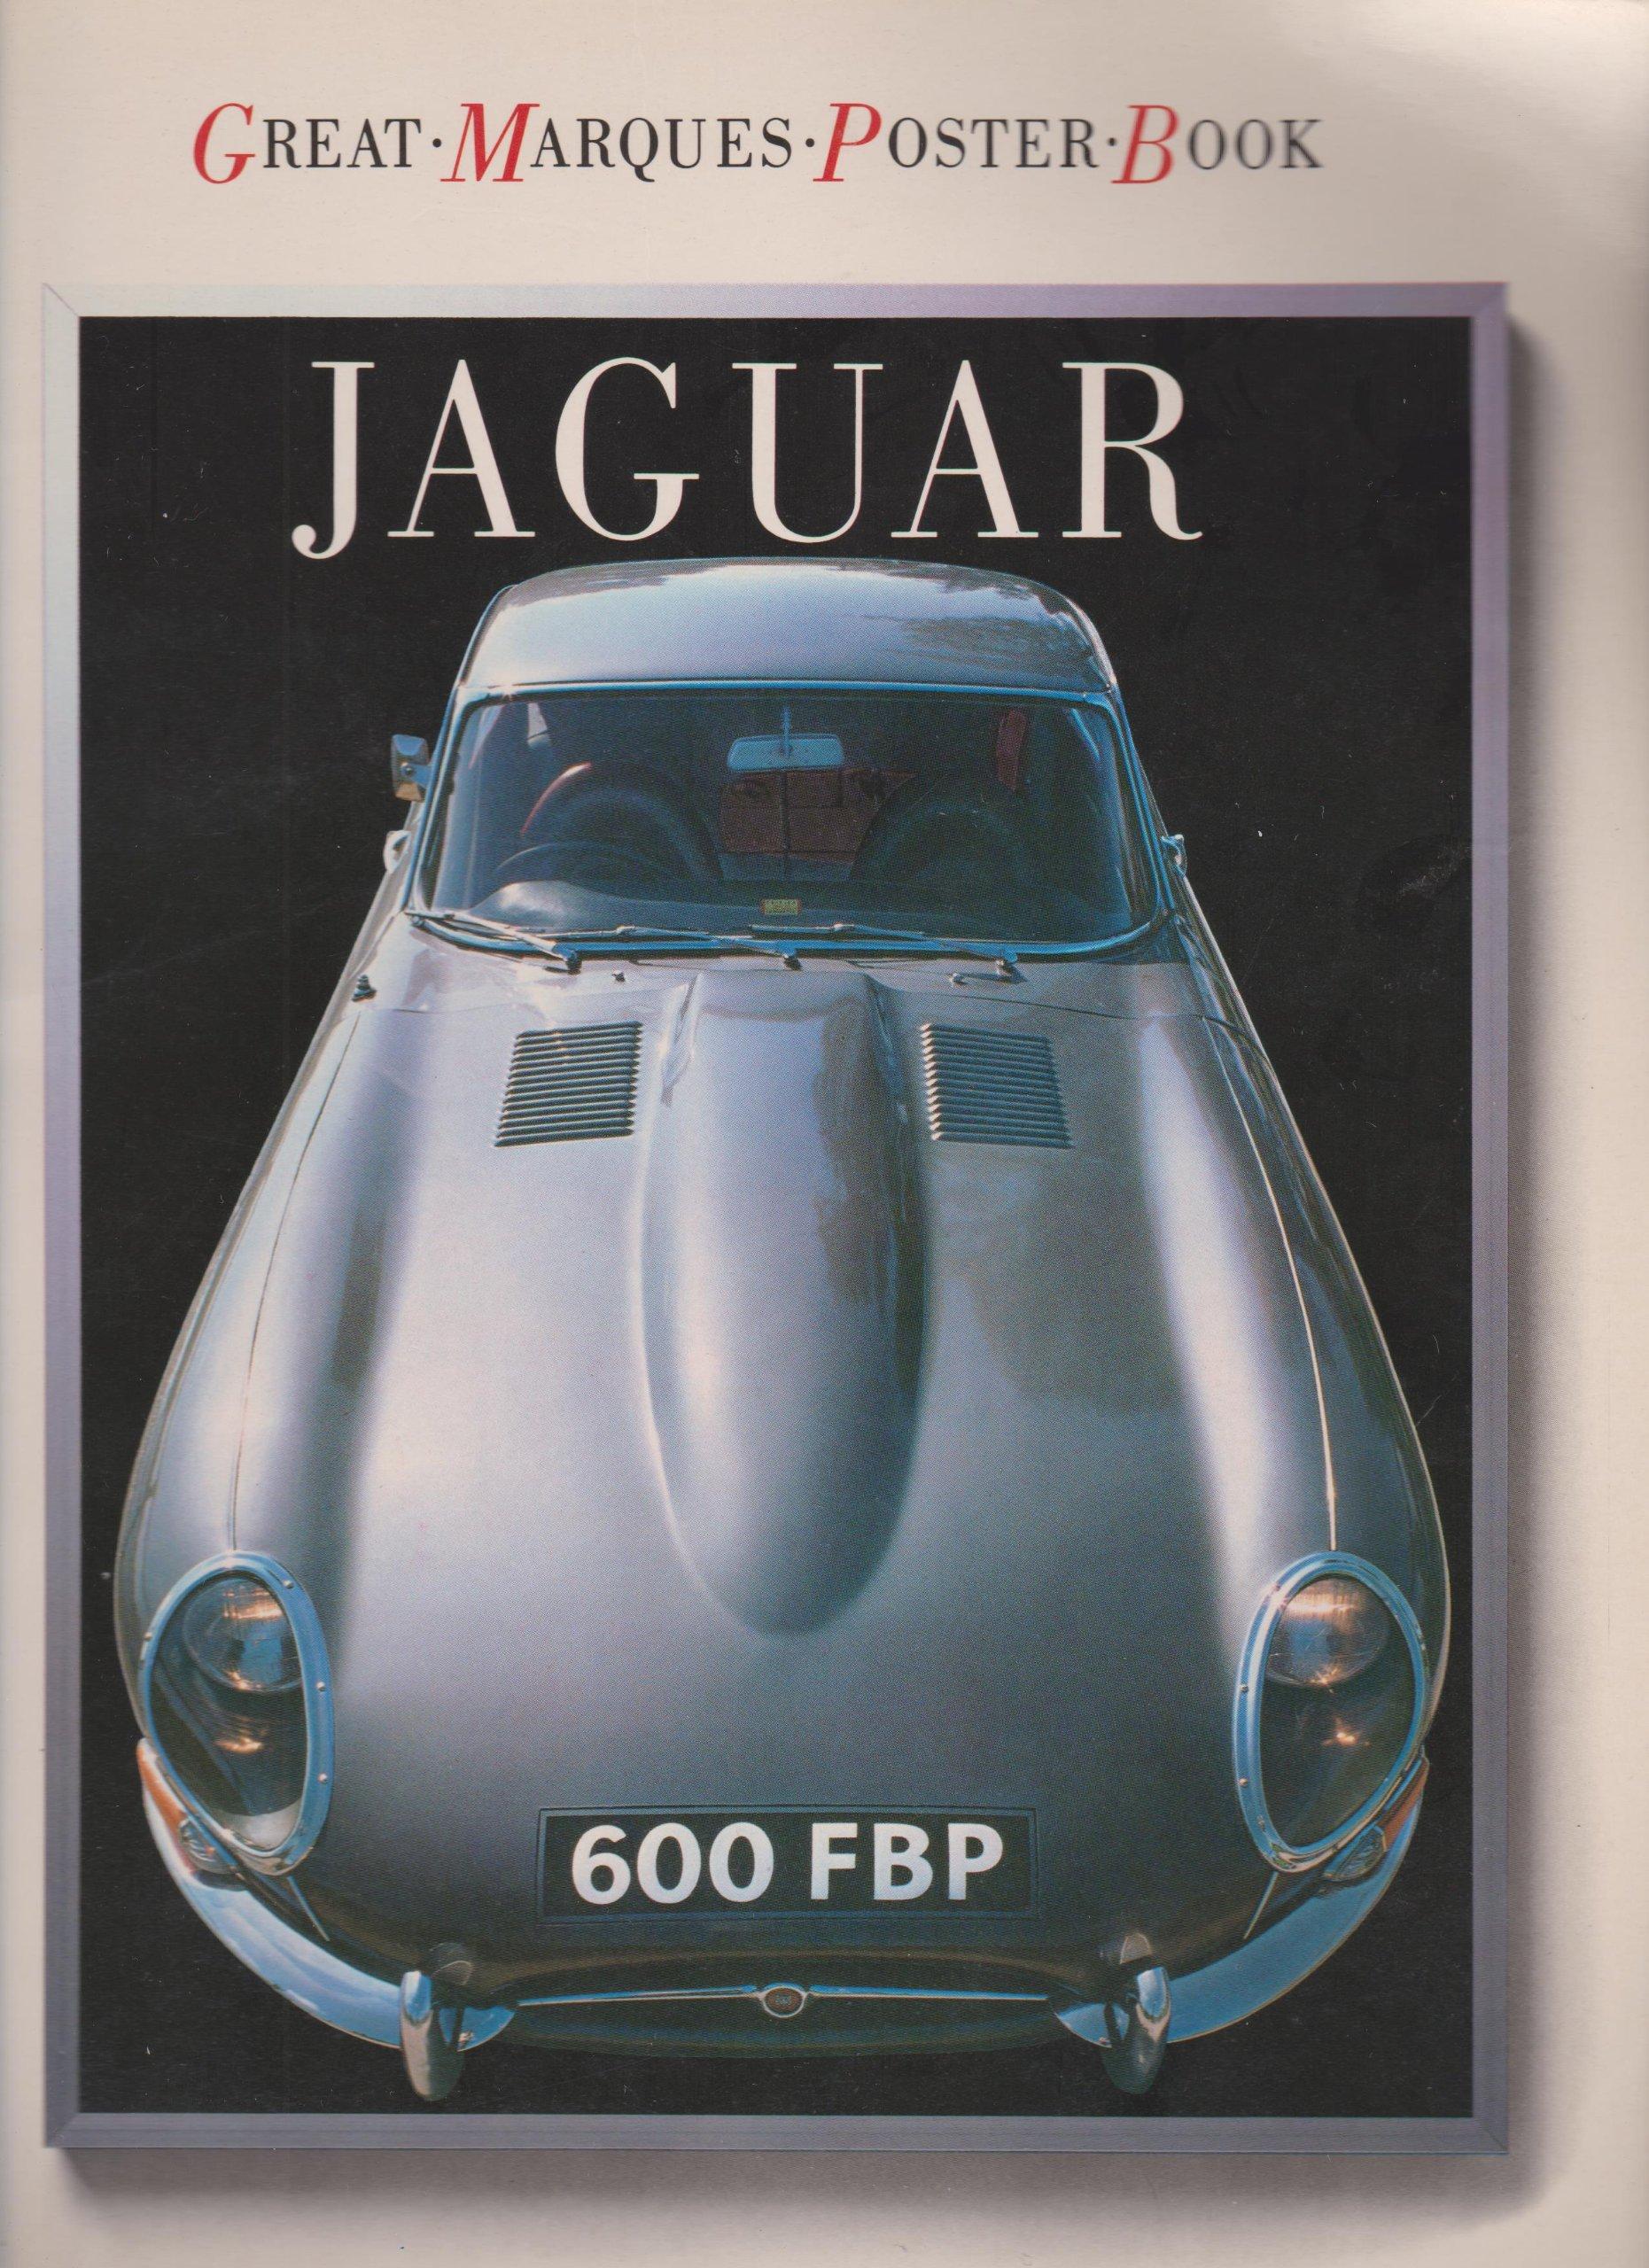 Jaguar Great Marques Poster Book